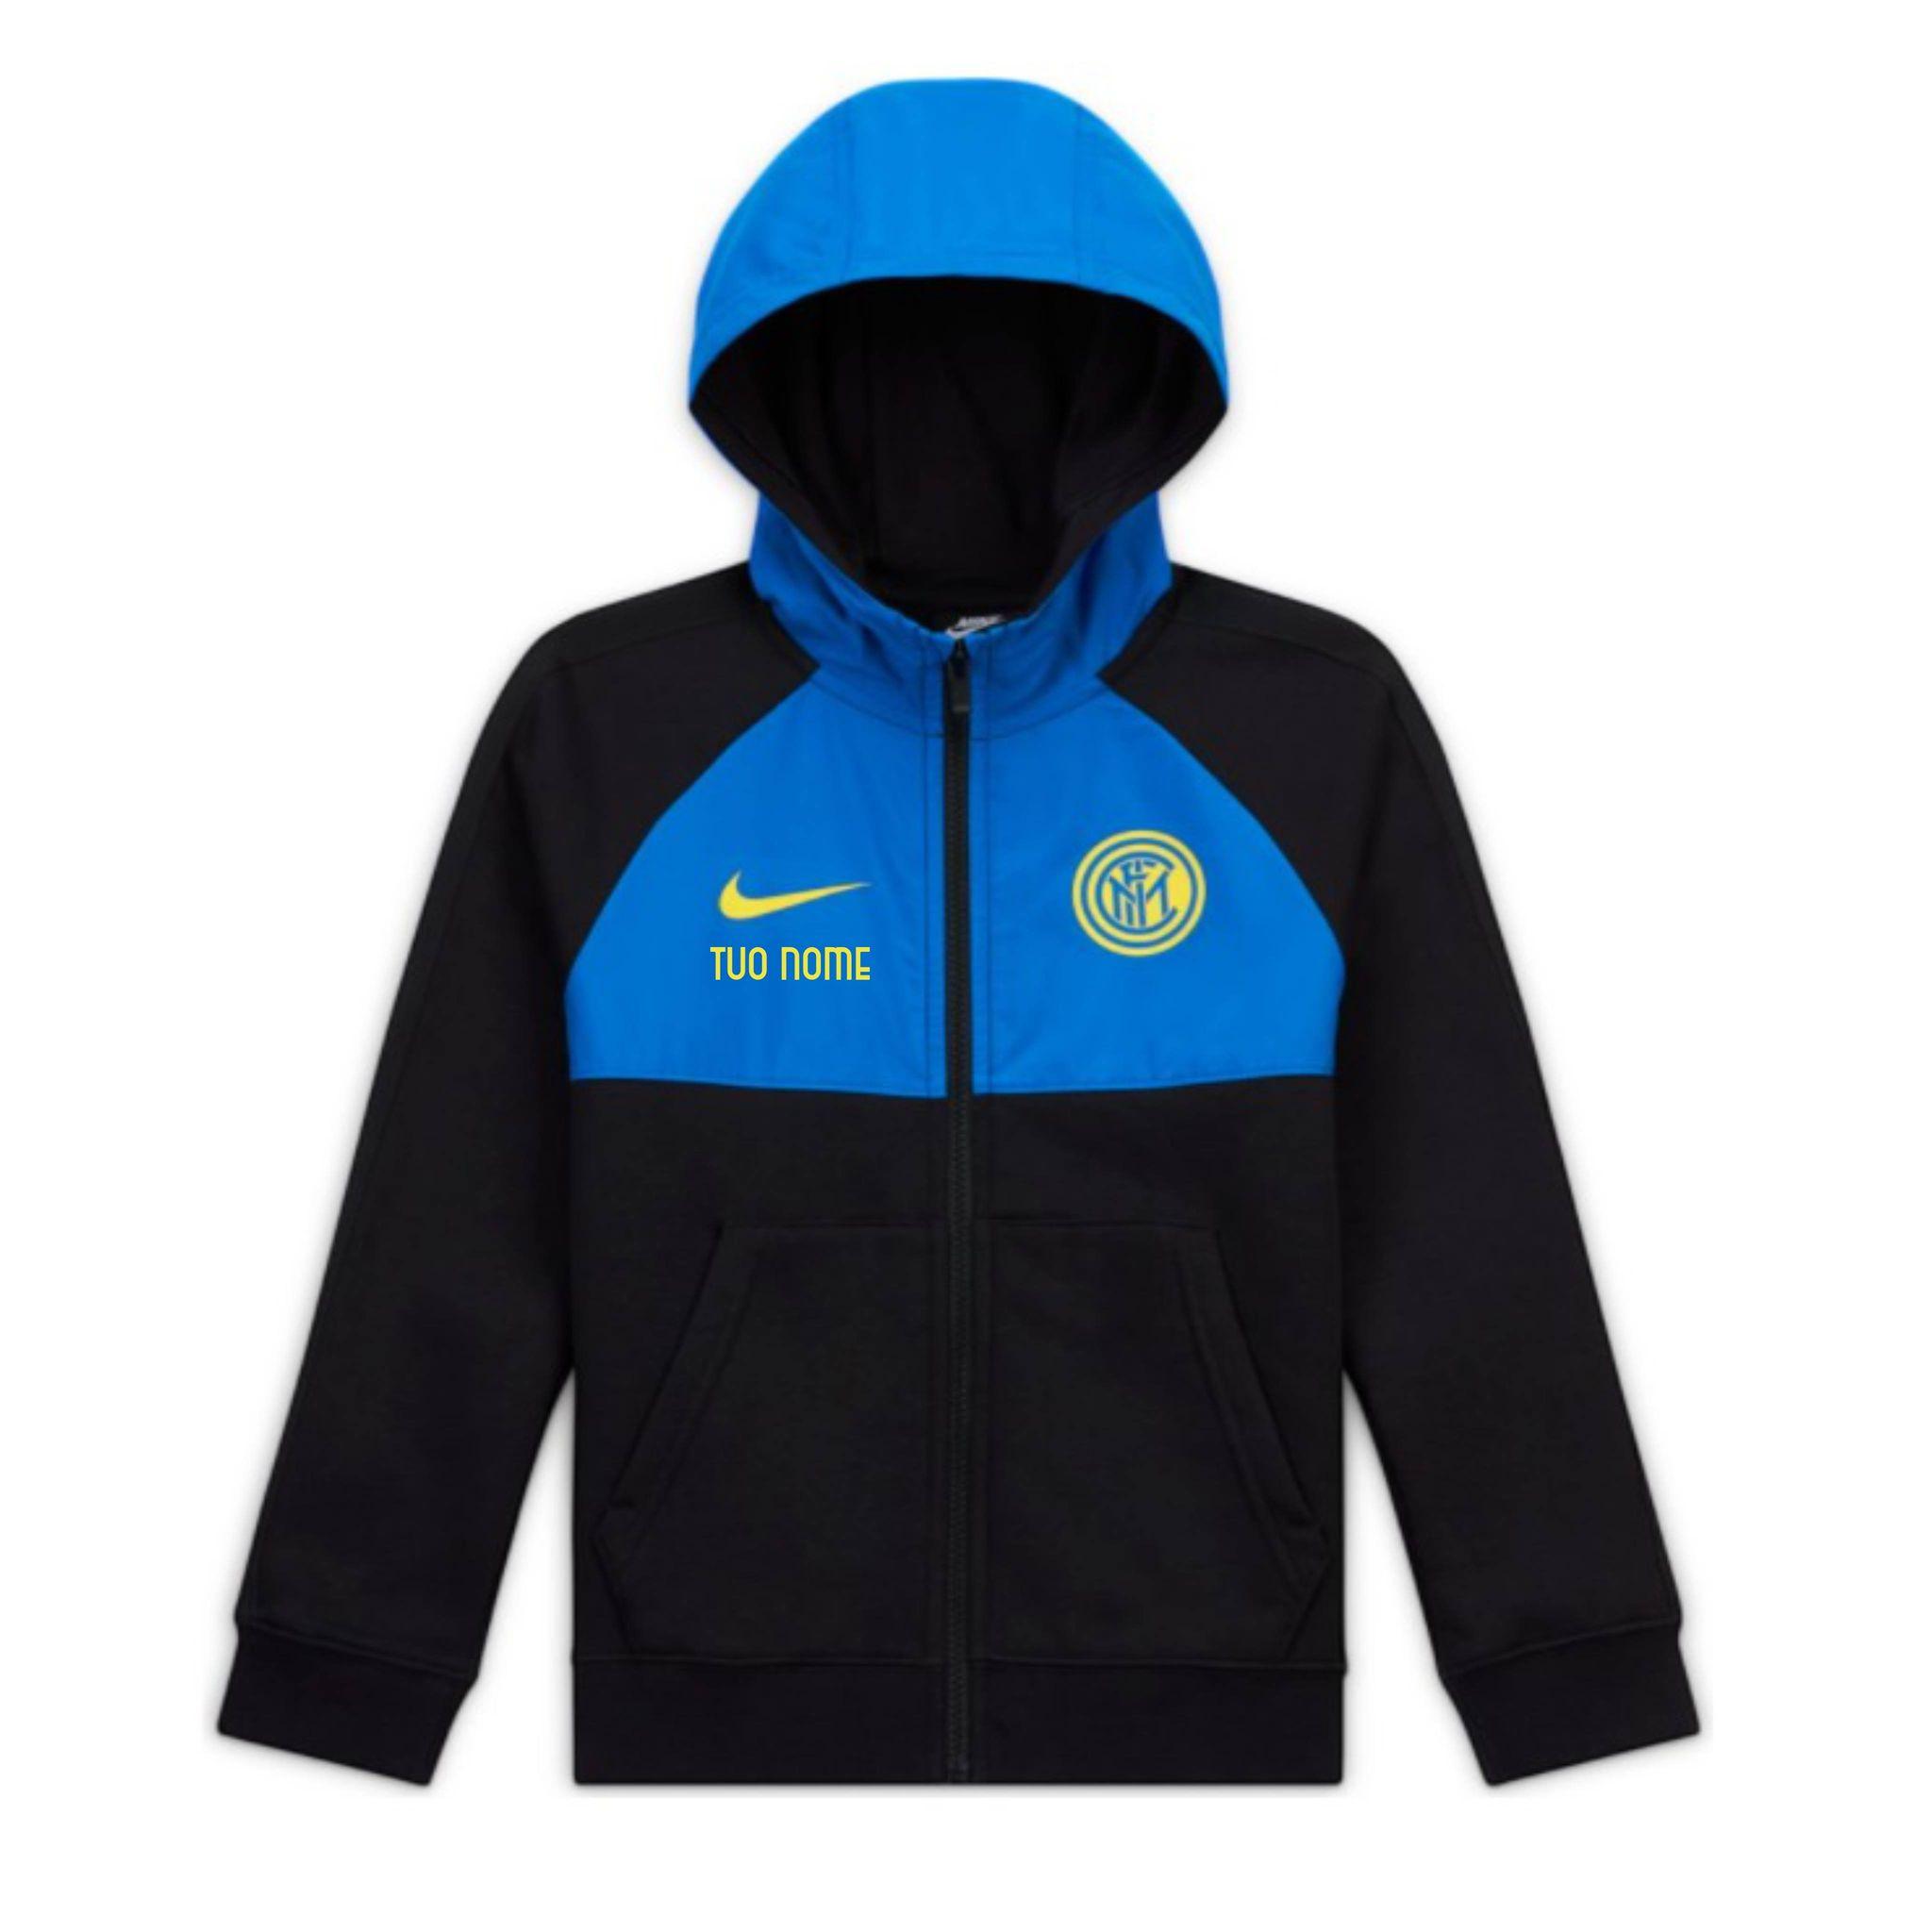 Felpa Cappuccio Rappresentanza NeroBlu Ufficiale Nike Bambino F.C. Inter 2020/2021